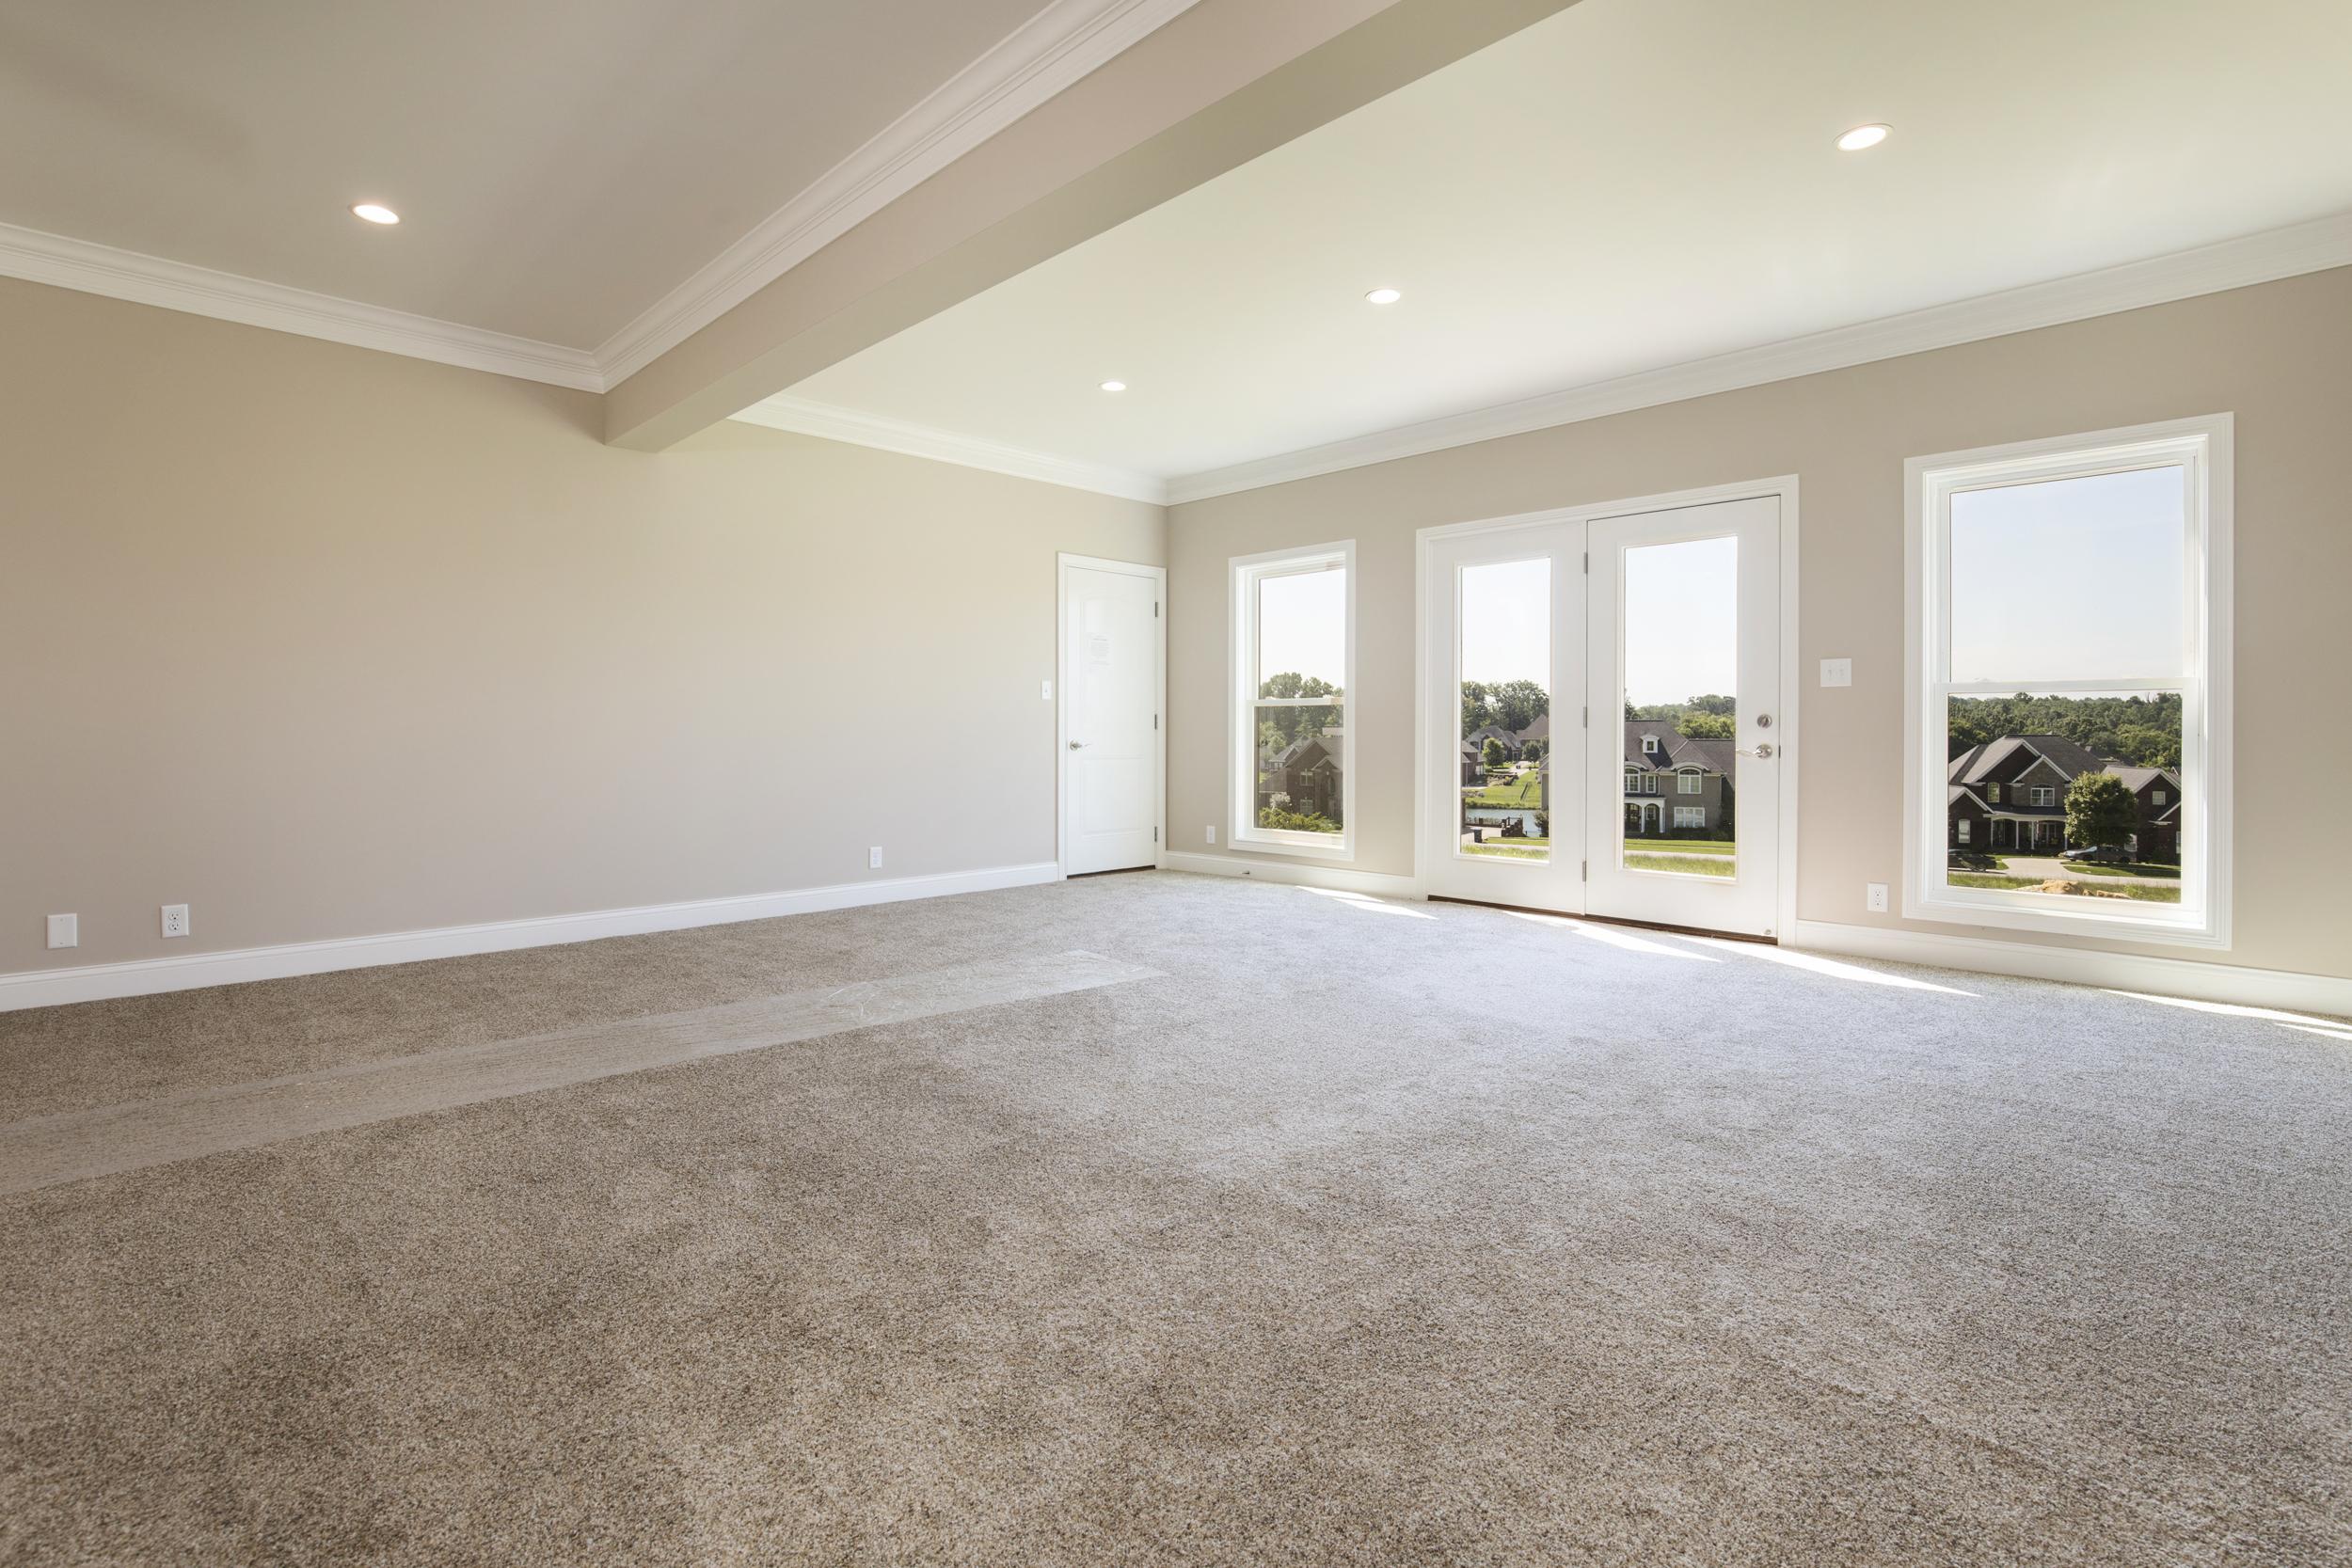 43-LL family room